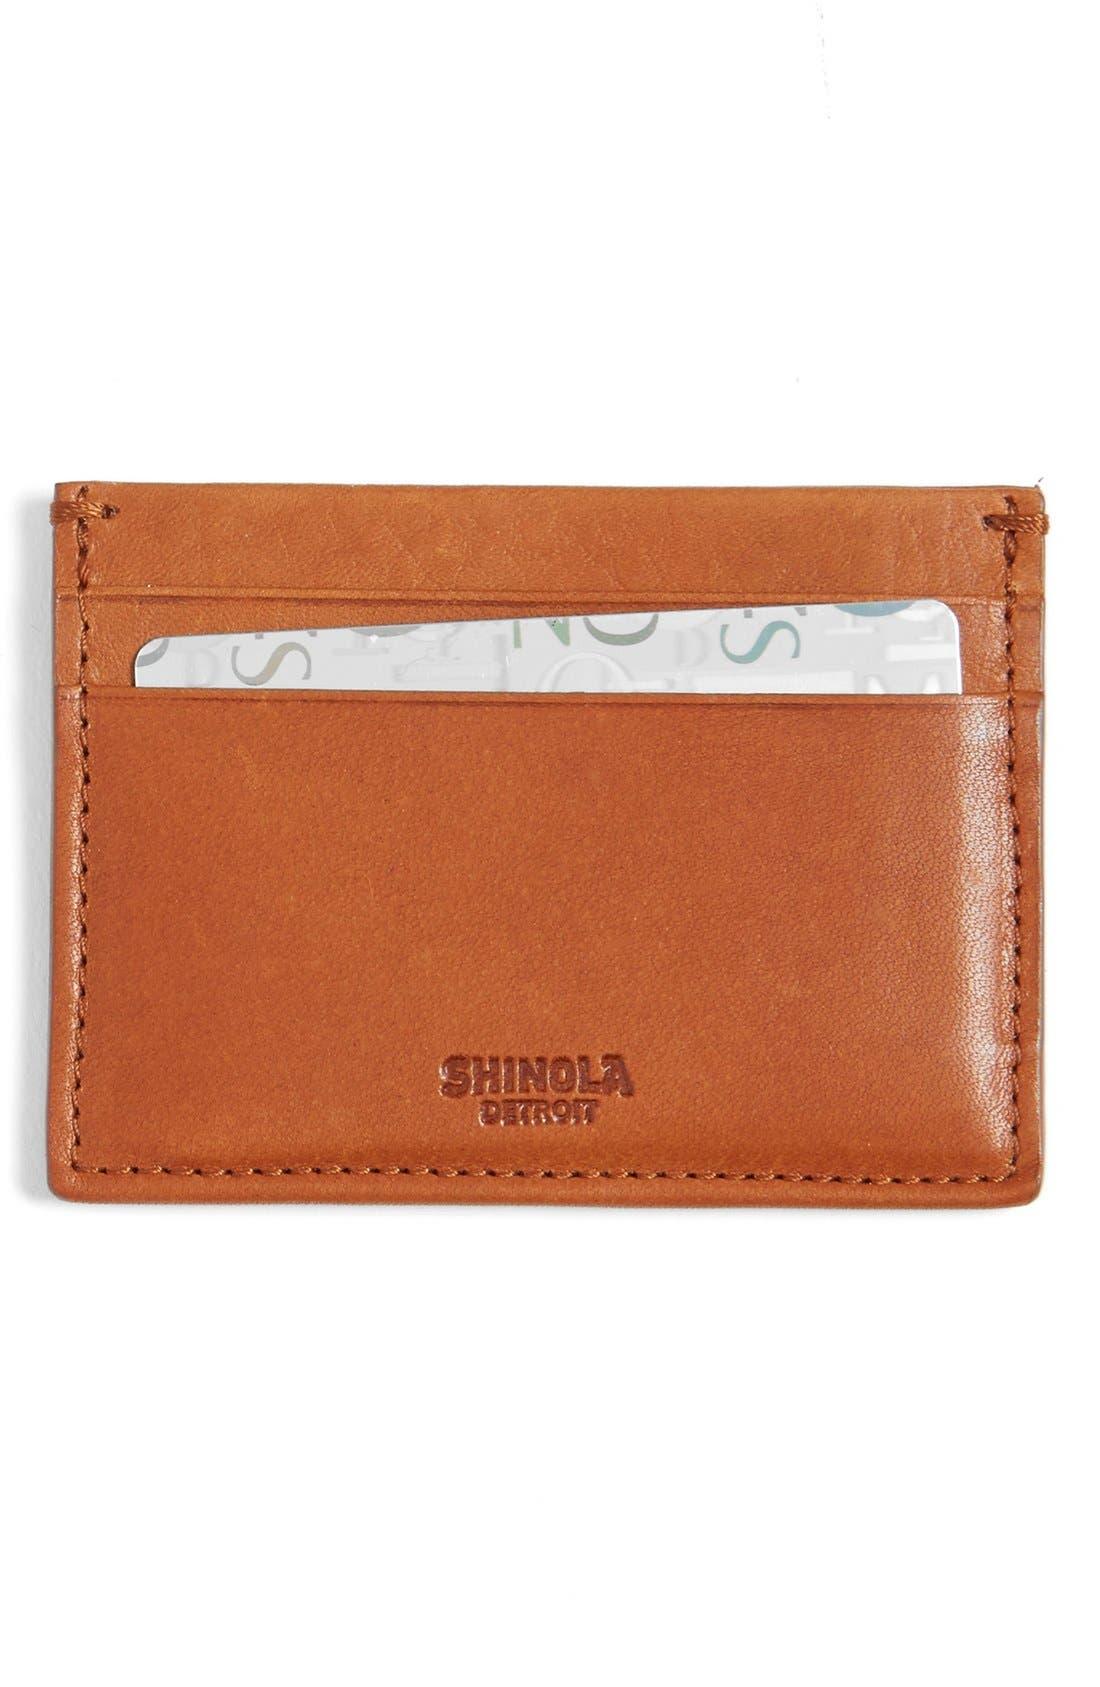 Leather Card Case,                             Main thumbnail 1, color,                             Bourbon